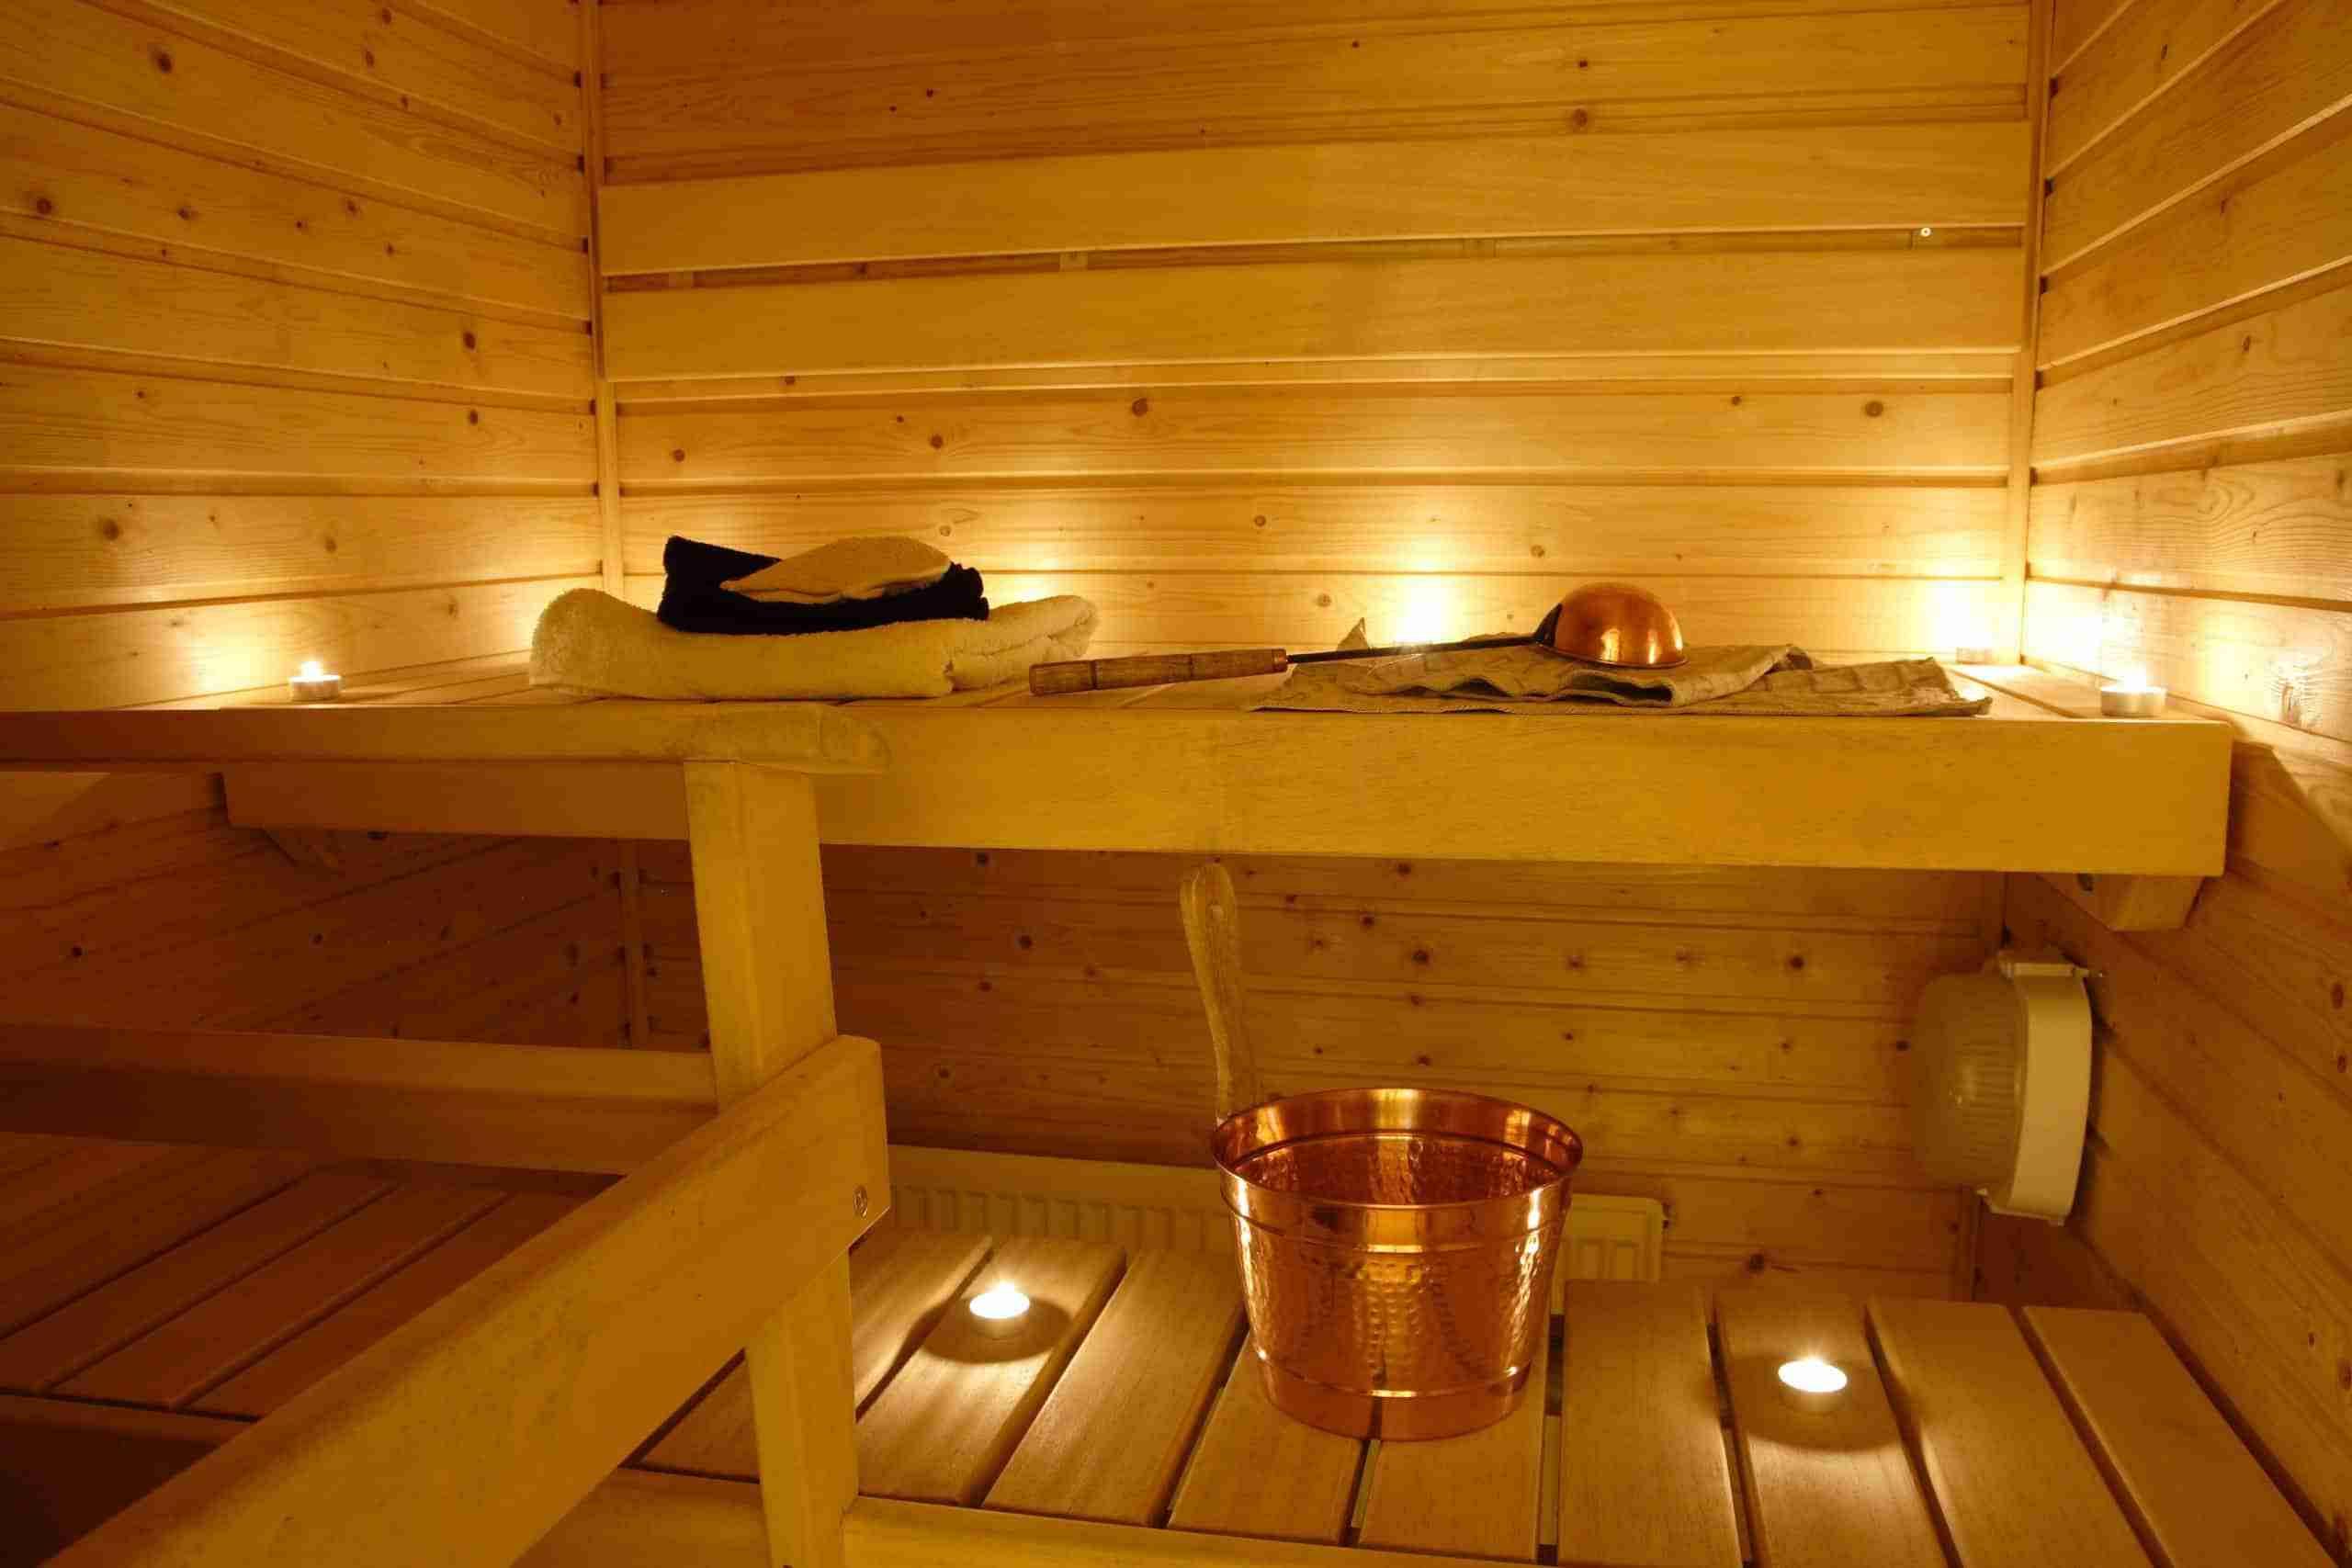 infared-sauna-therapy-newdimensionextensions-